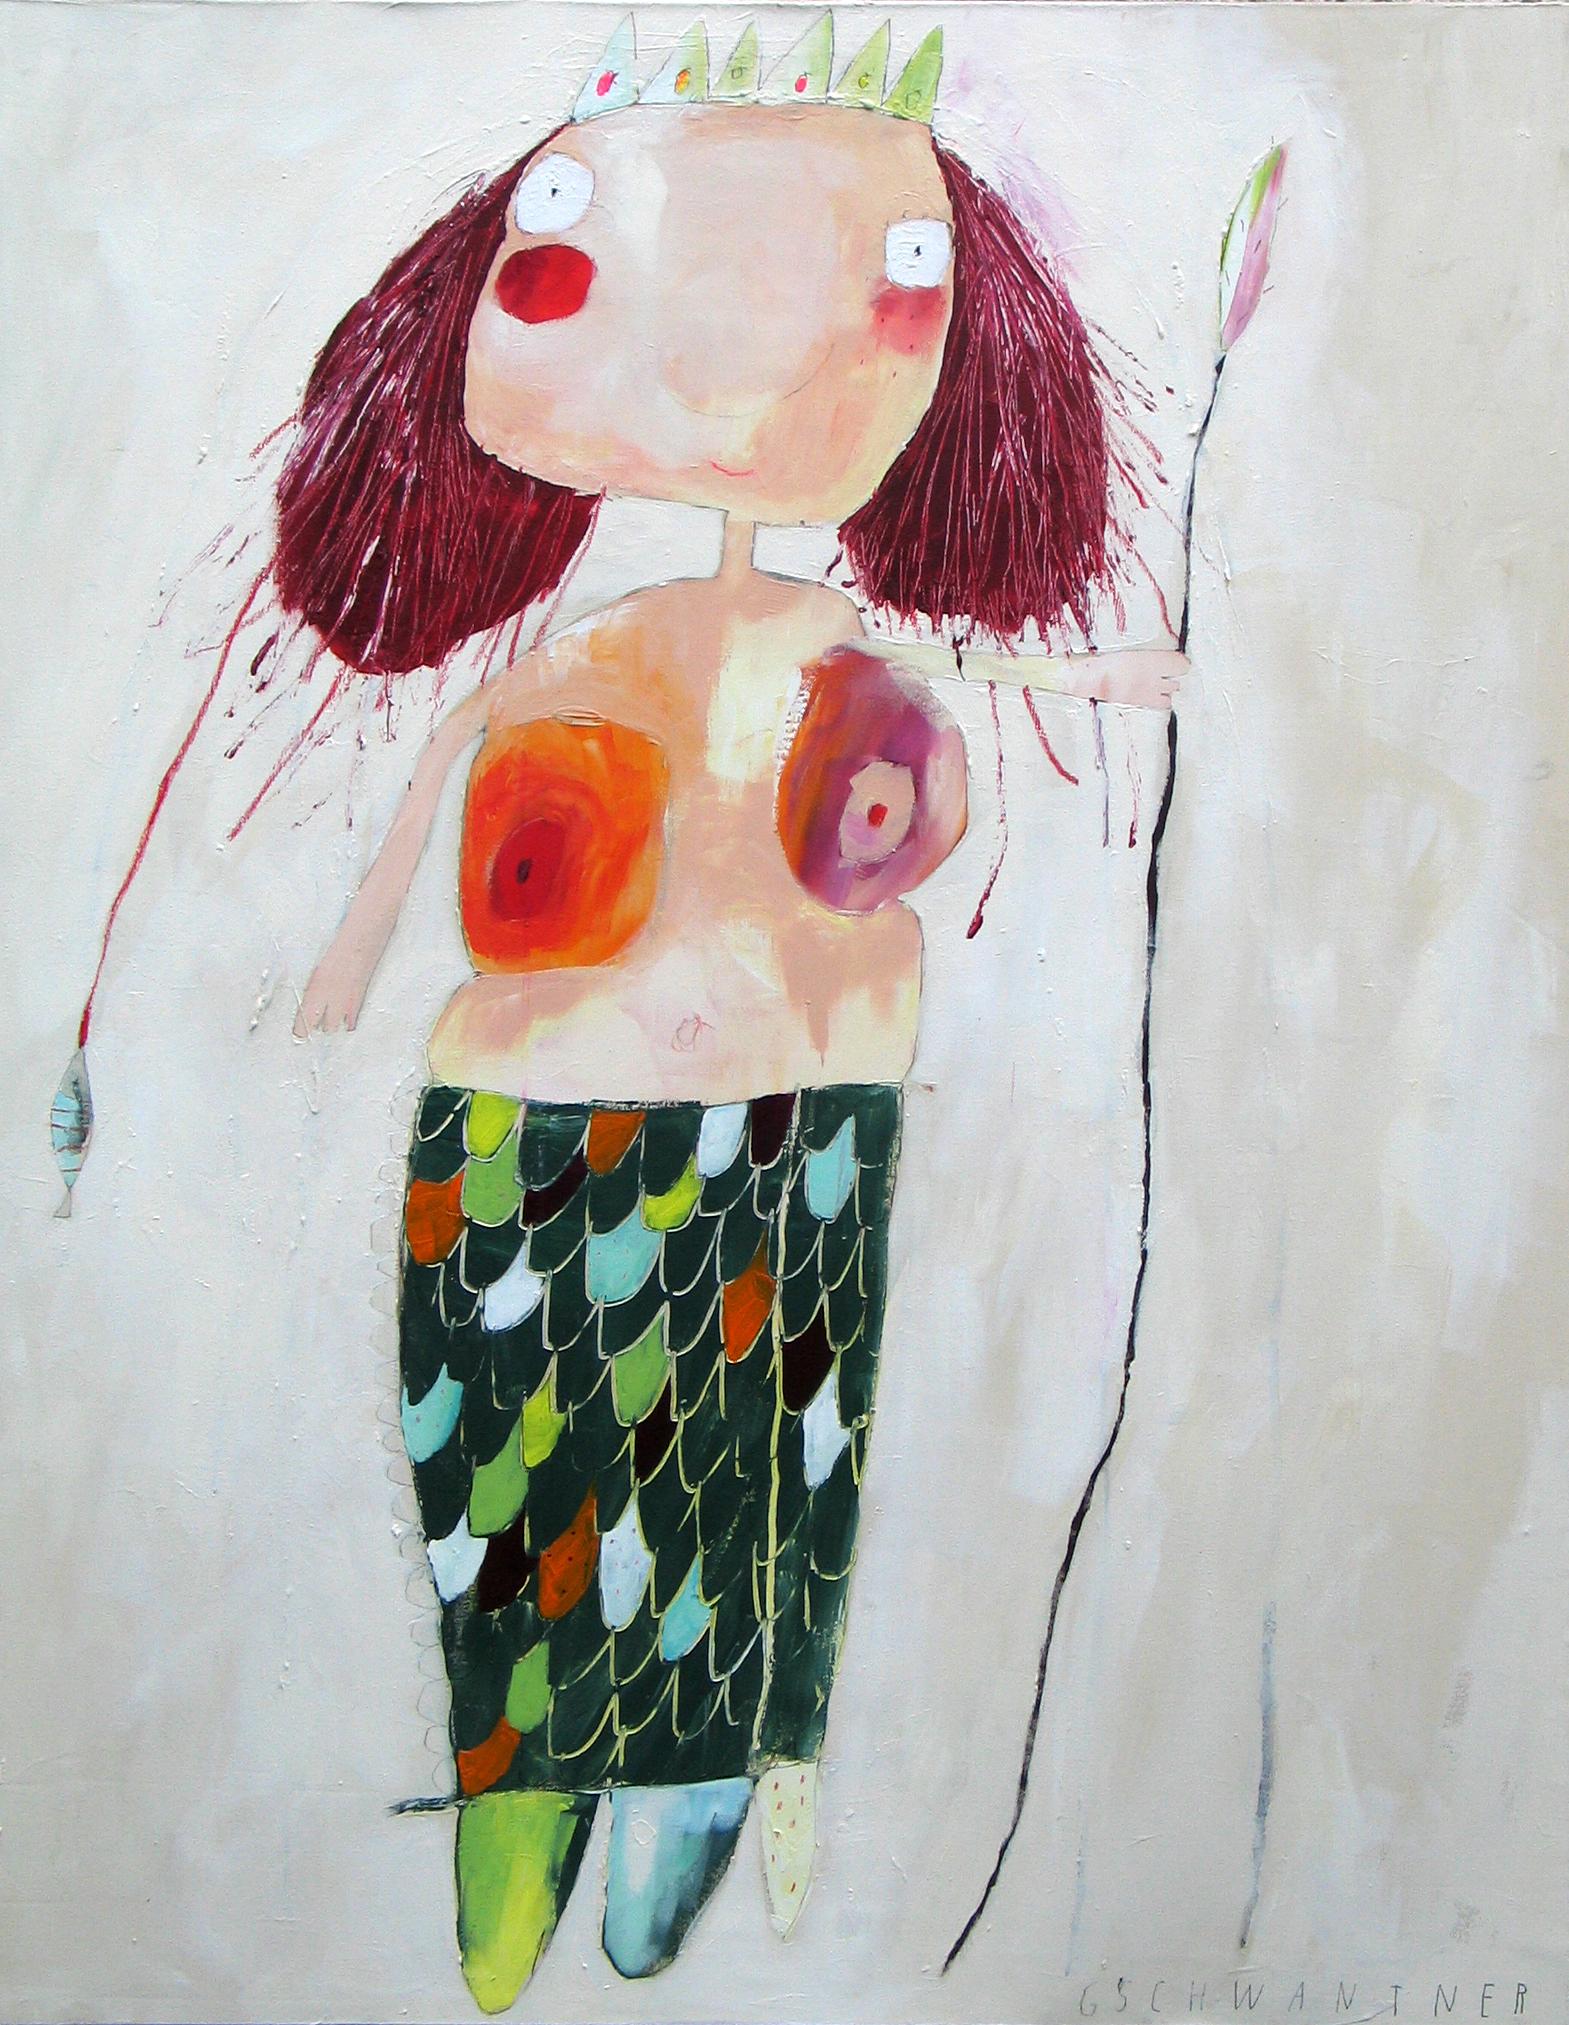 Meerjungfrau, 2008, 103 x 133